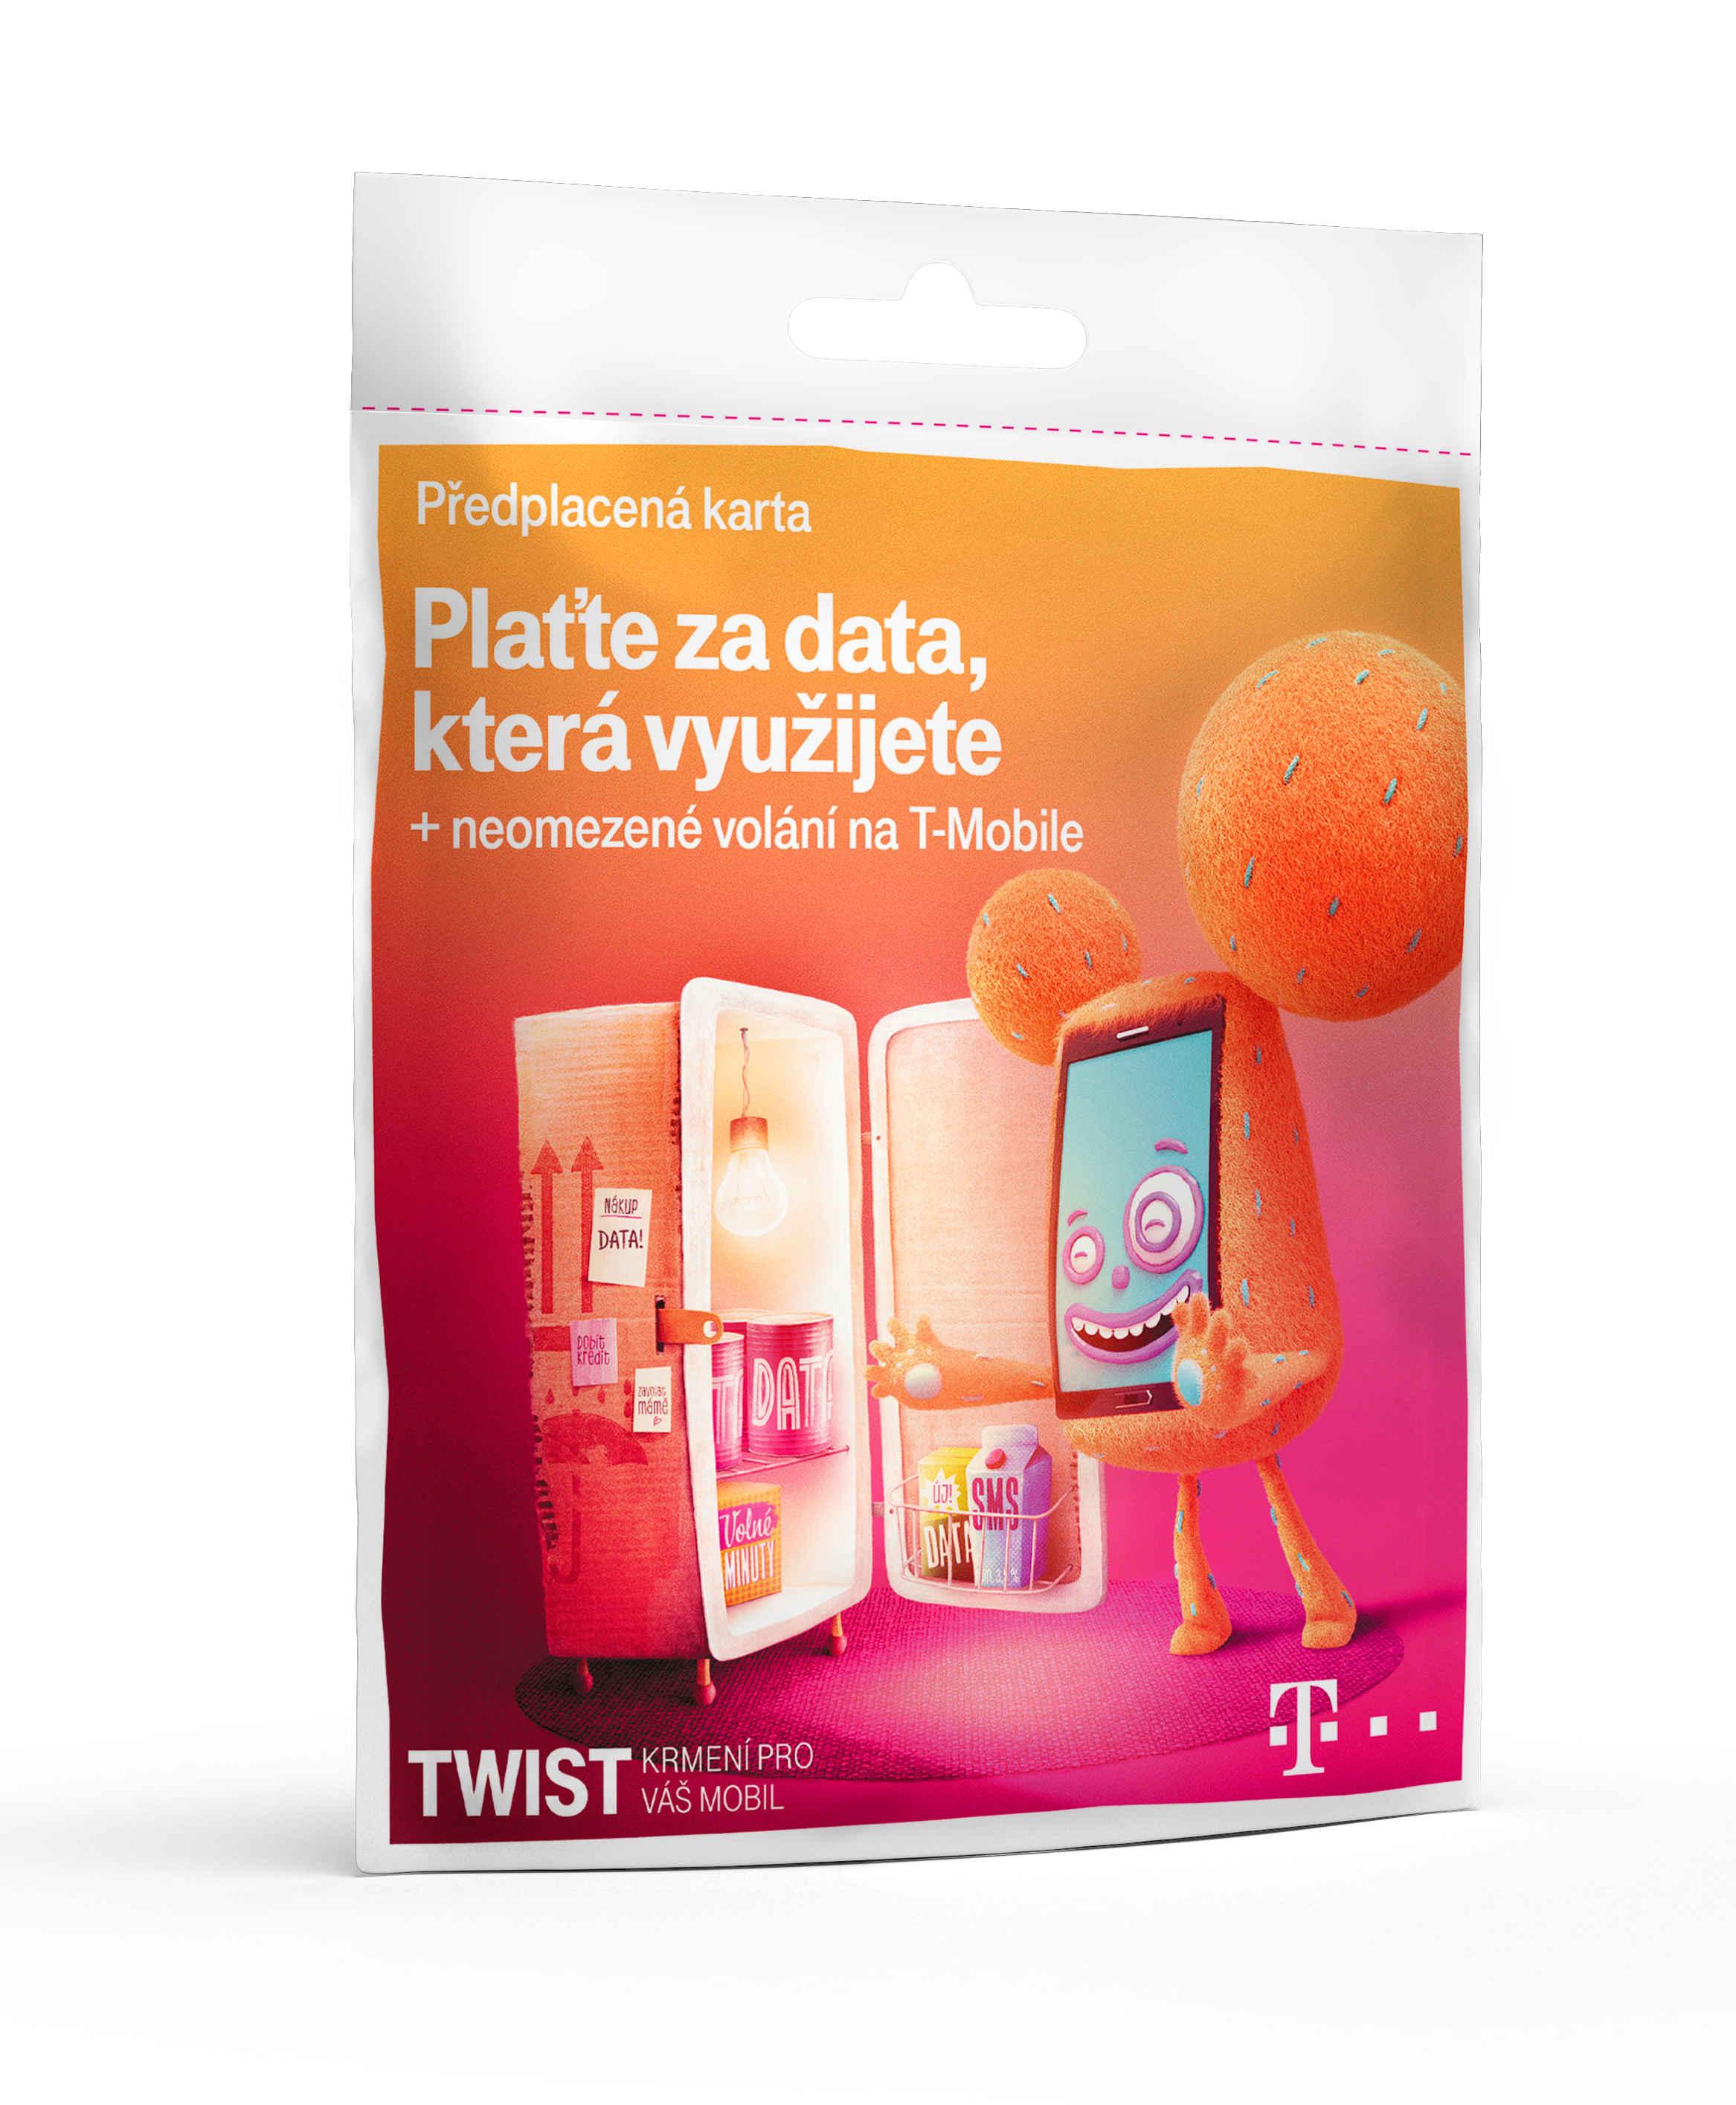 T-Mobile Plaťte za data která využijete + neomezené volání, 200kč kredit